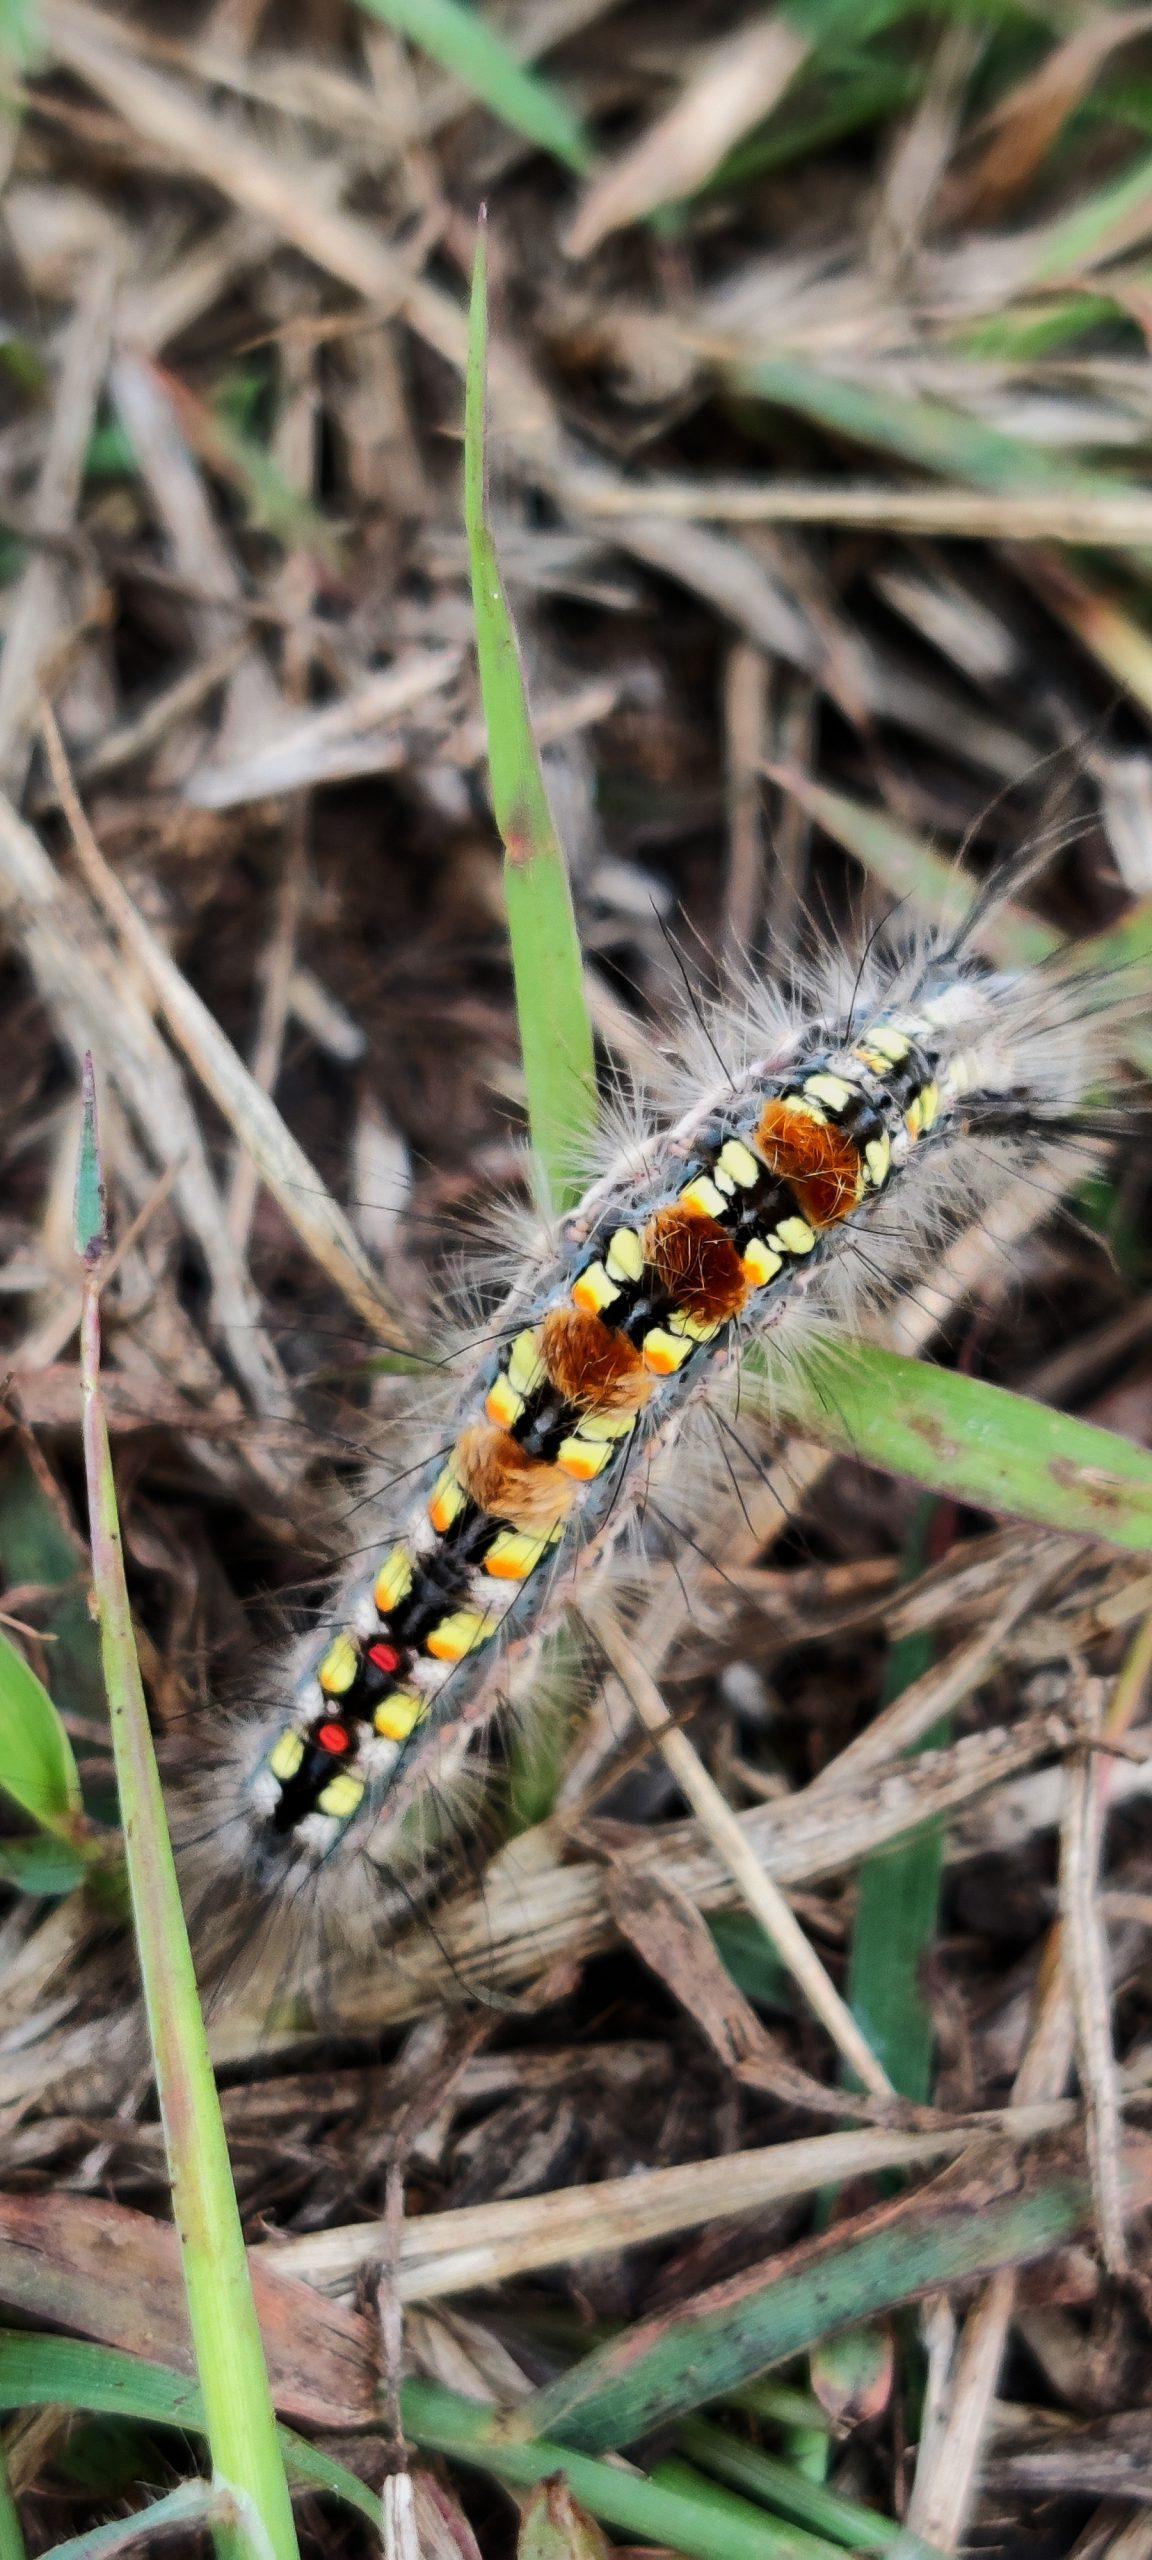 Caterpillar on grass